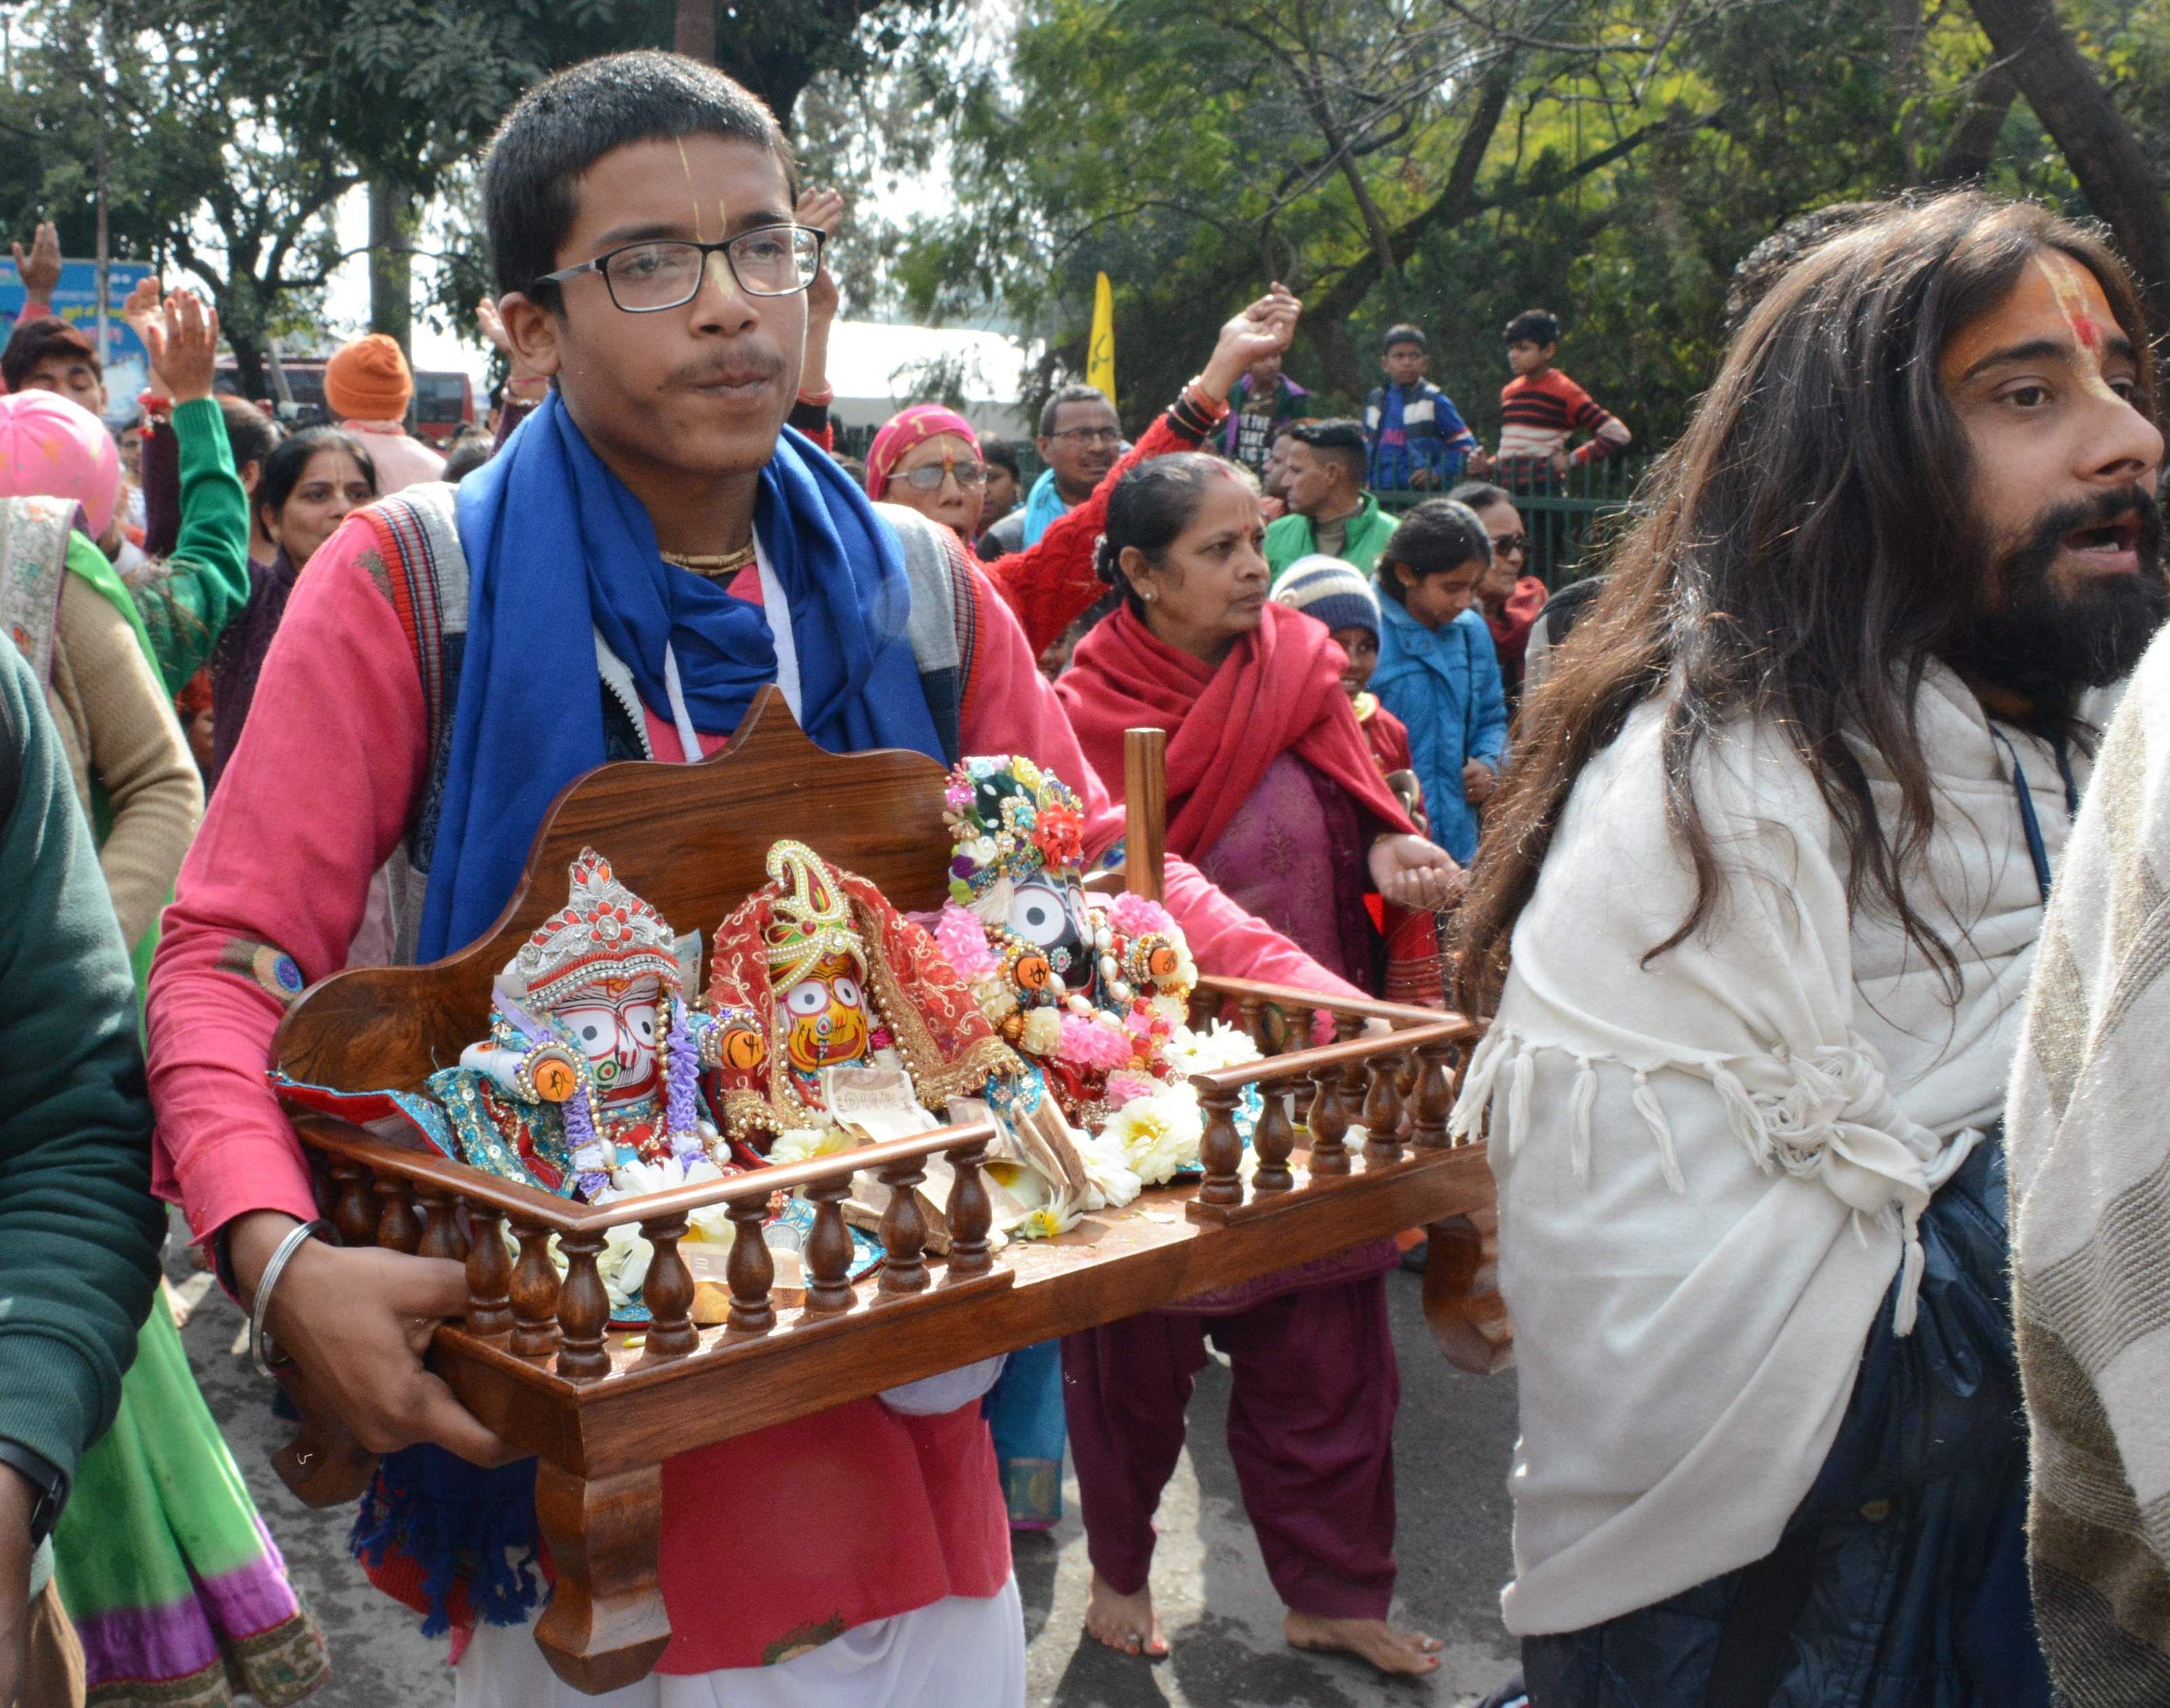 परेड मैदान से श्री जगन्नाथ मंदिर सेवा समिति की ओर से निकाली गई प्राचीन श्री जगन्नाथ रथ यात्रा में